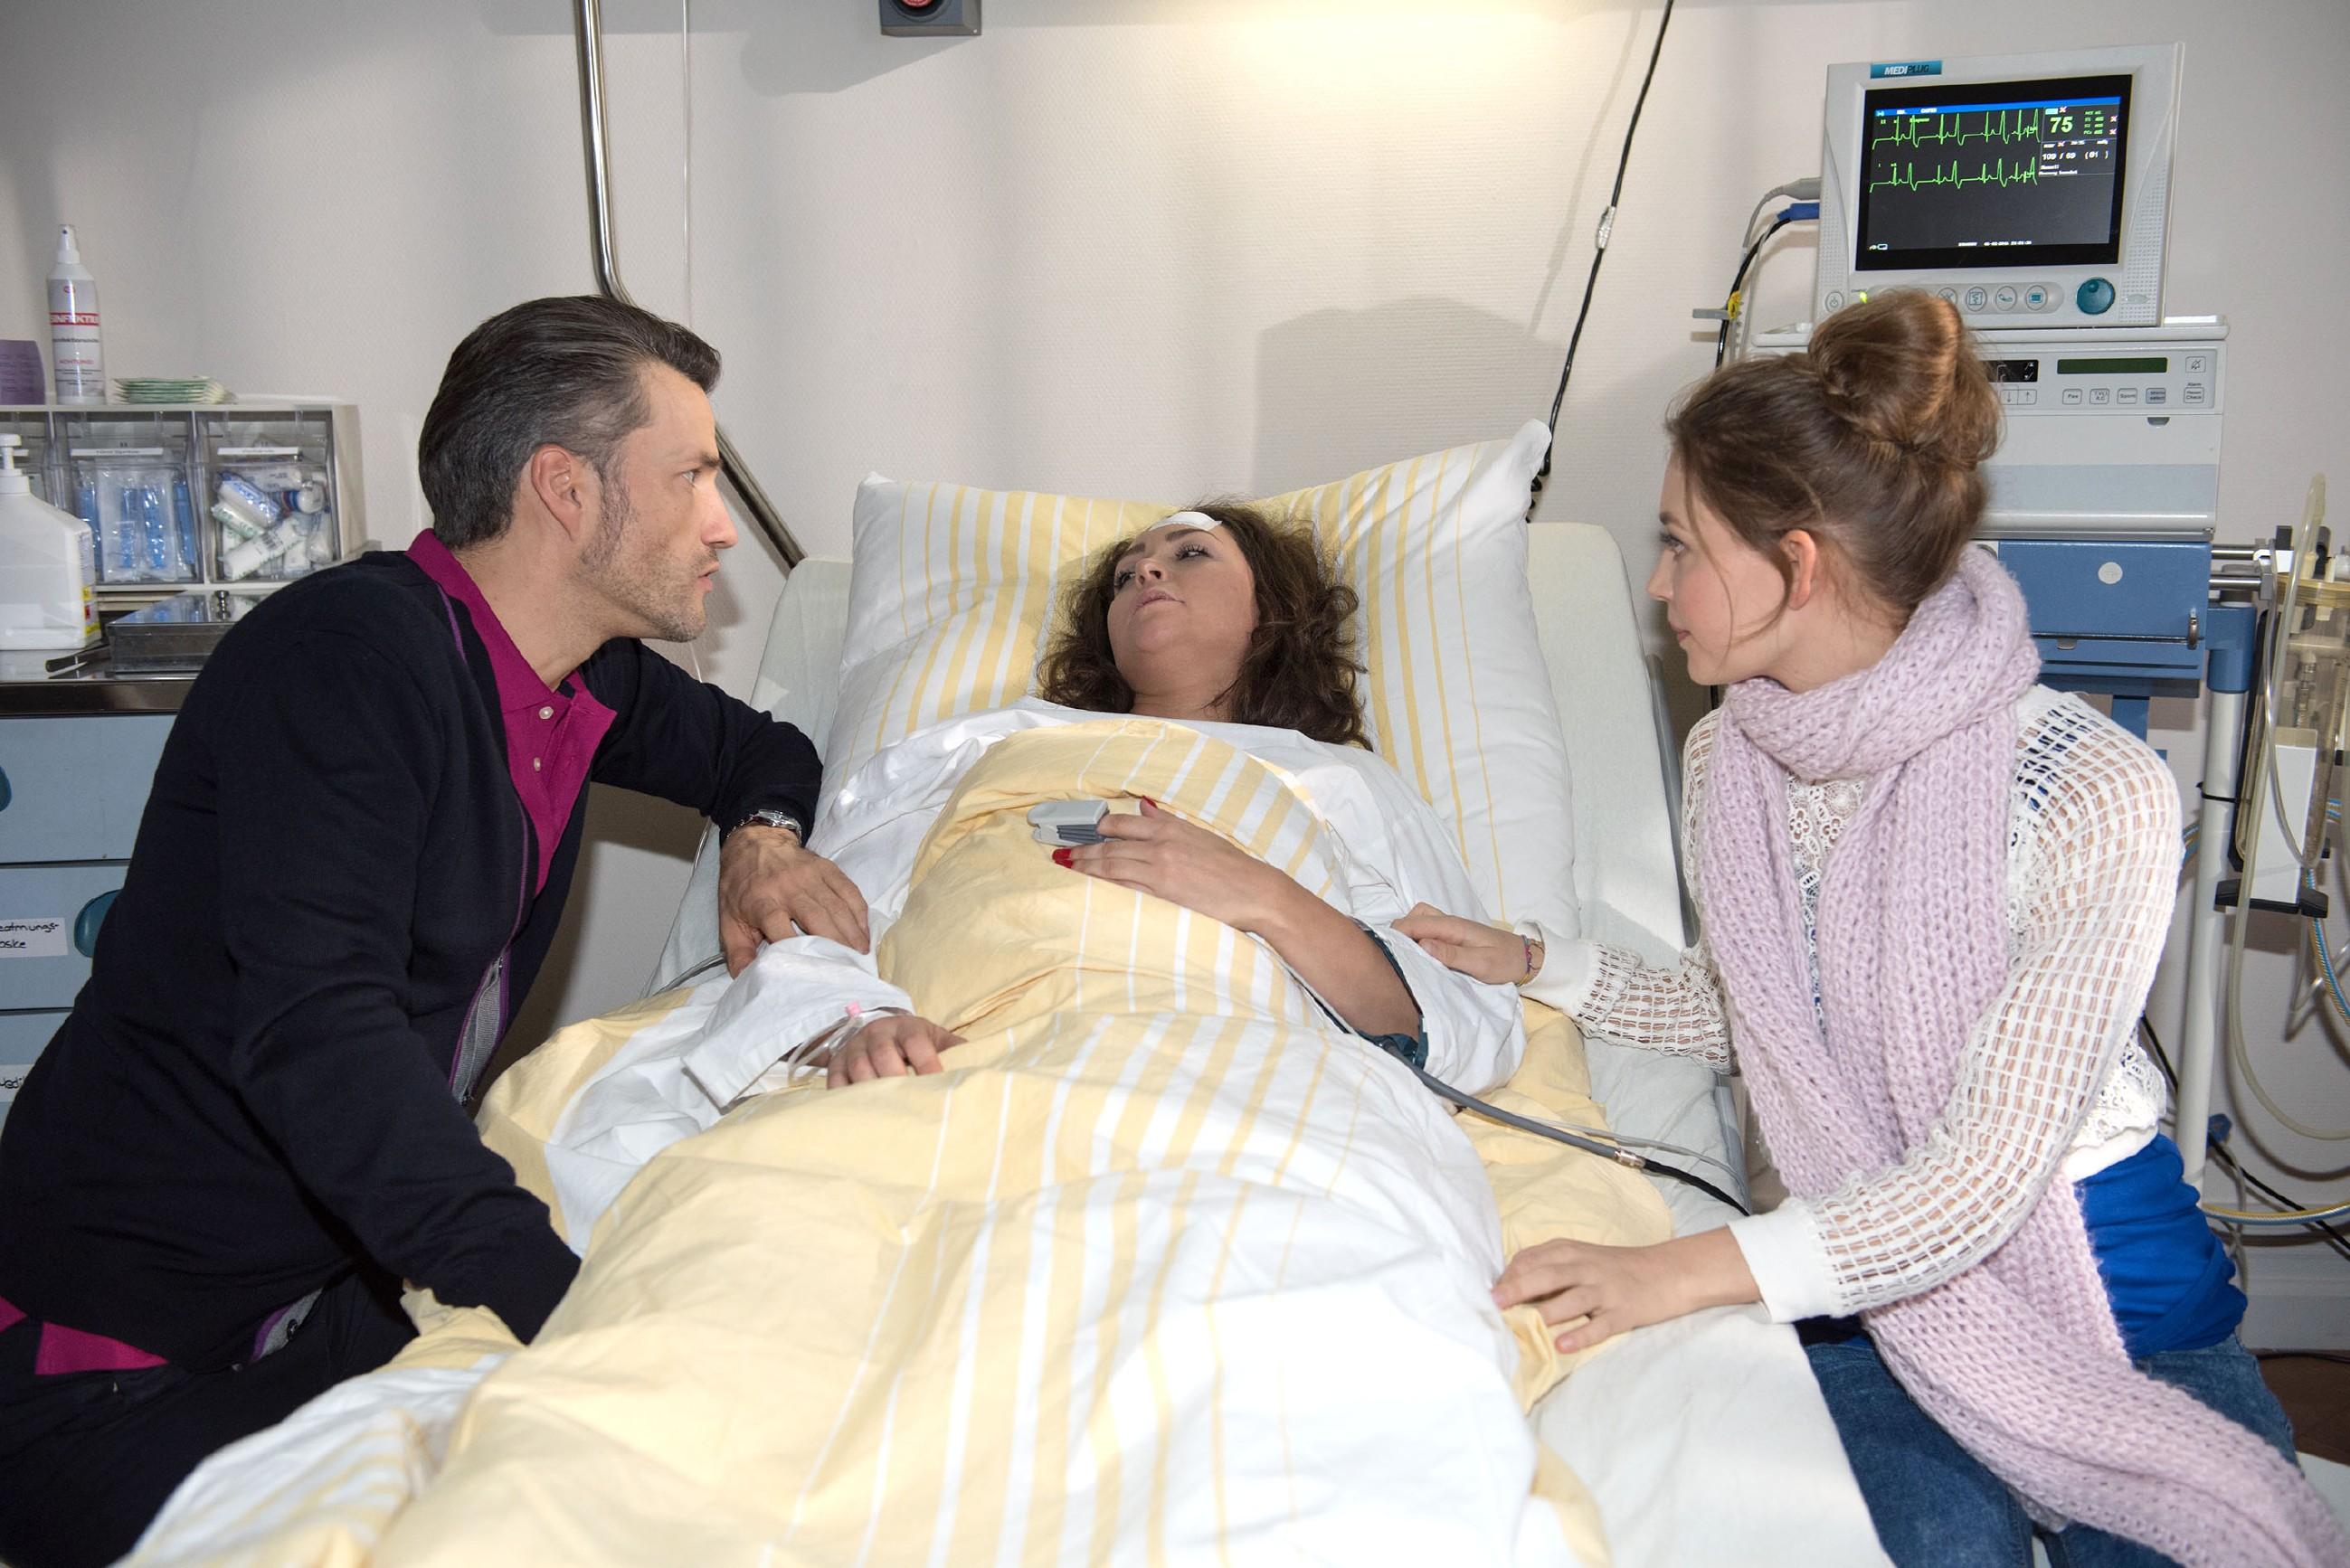 Malte (Stefan Bockelmann) und Jule (Amrei Haardt, r.) sind zutiefst erleichtert, als Caro (Ines Kurenbach) erwacht. (Quelle: RTL / Stefan Behrens)